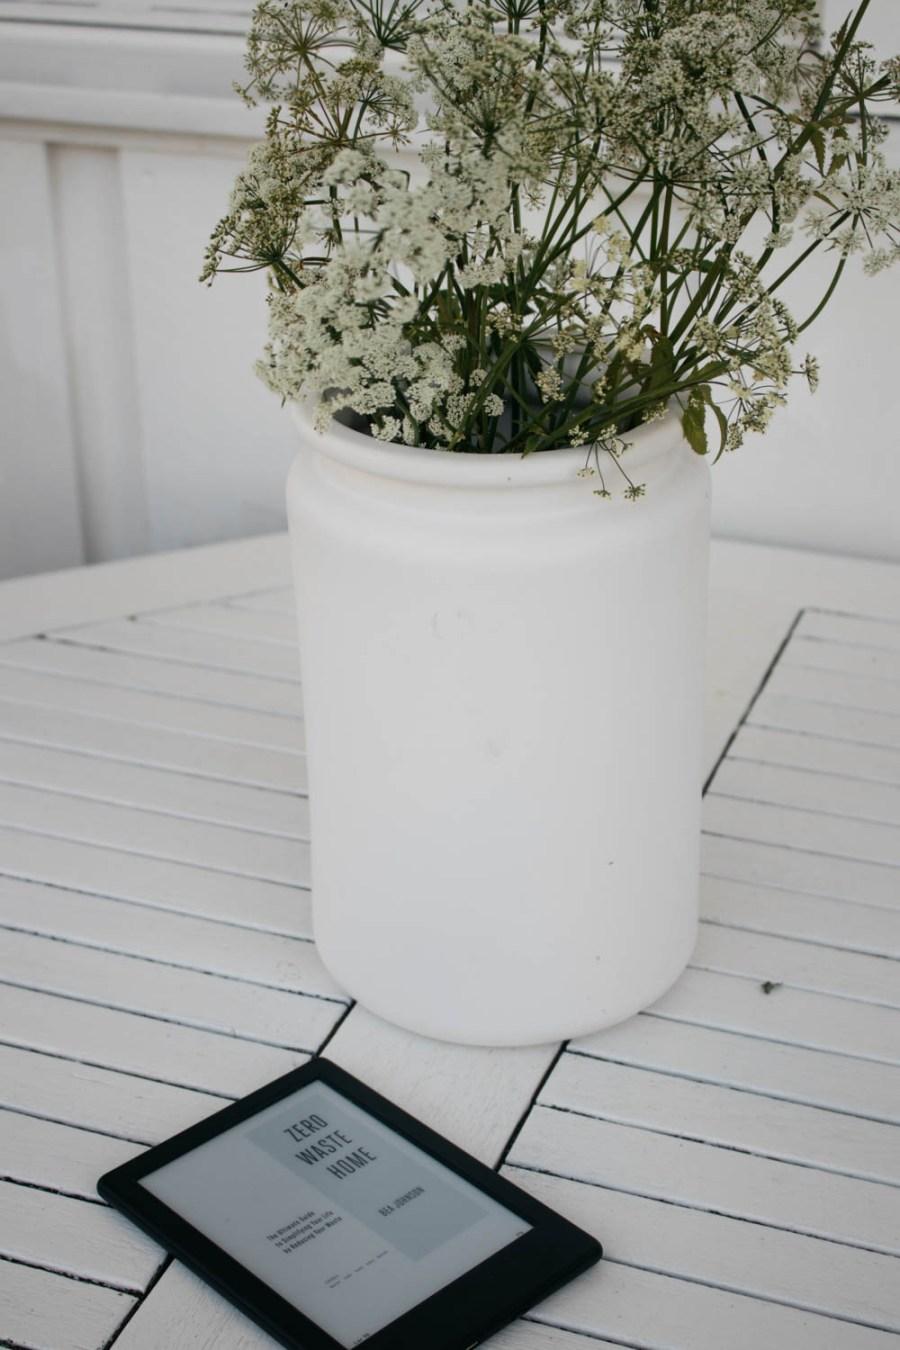 Jeg har lest zero waste home av Bea Johnson, og her er det jeg tenker om den.